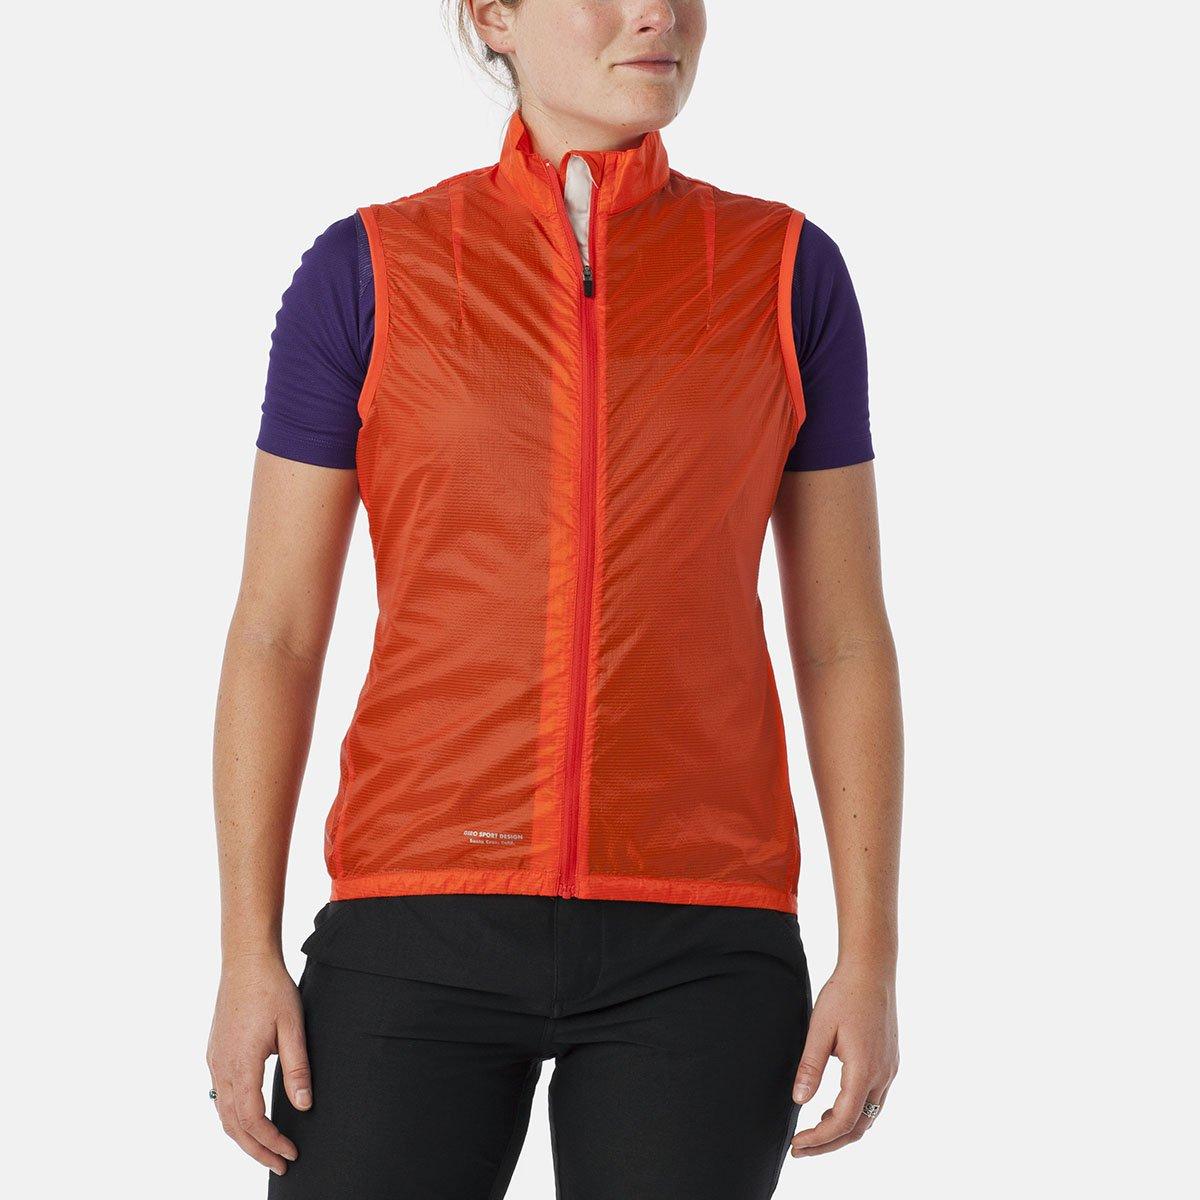 Giro Damens Wind Vest Damens Giro glowing ROT Größe M 2015 Fahrradweste 2685a9